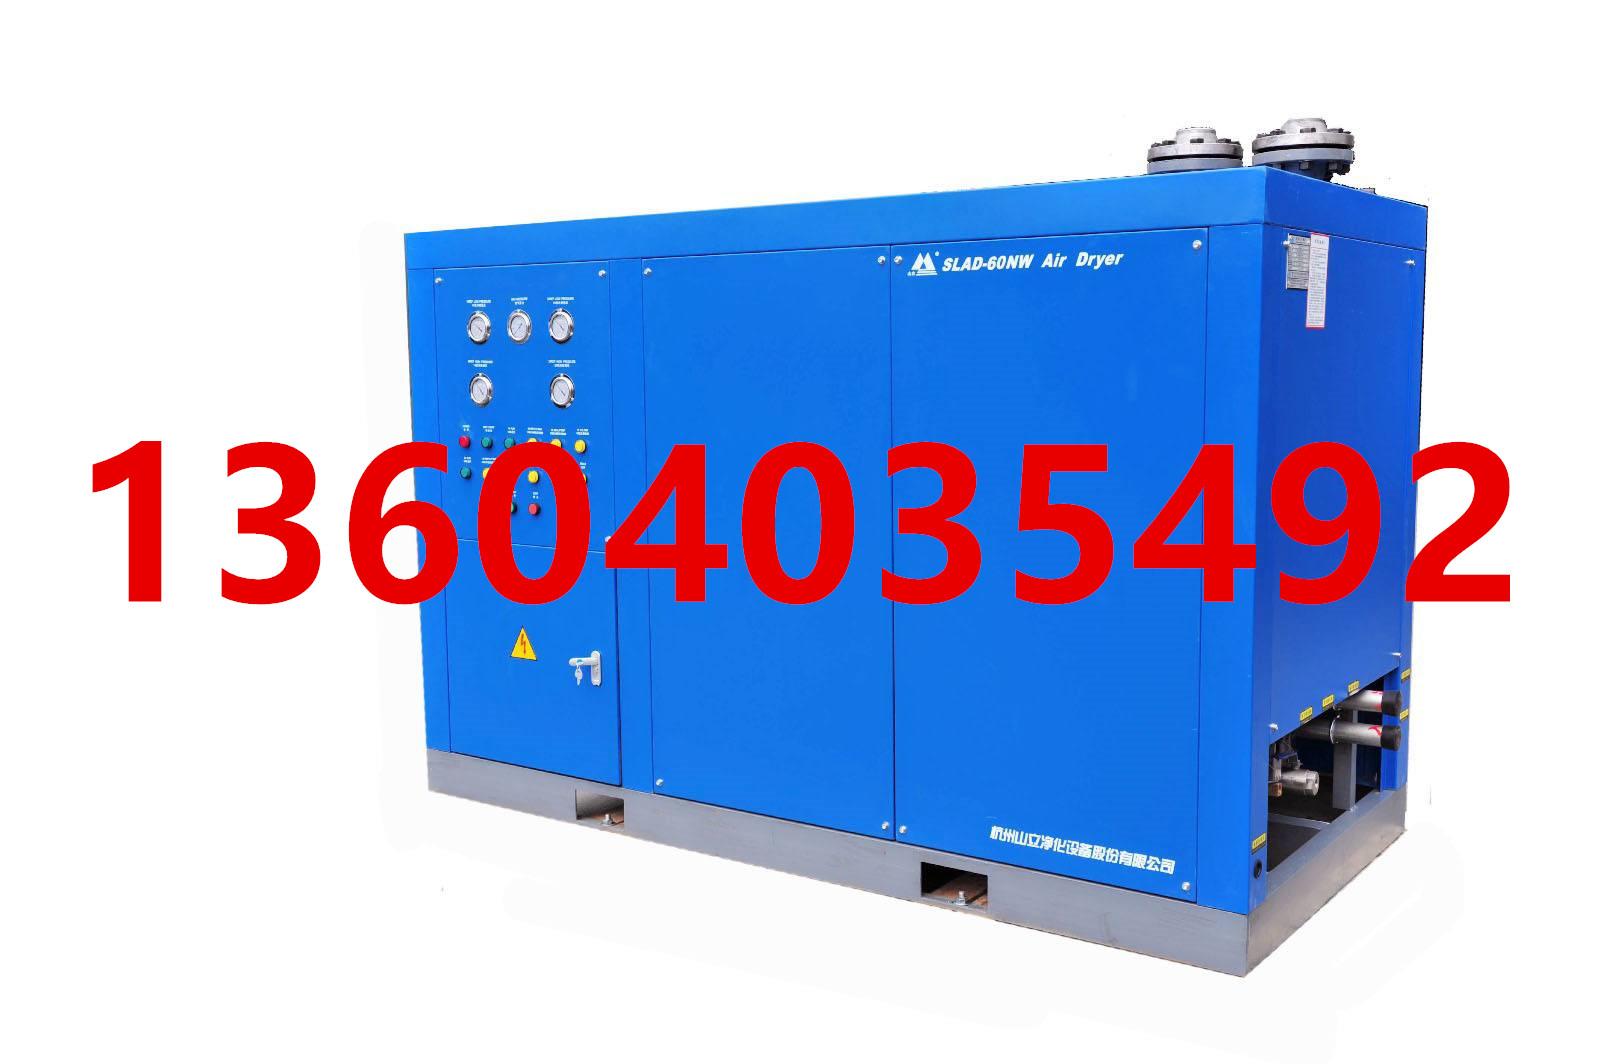 铜川冷冻式压缩机配件销售维修保养